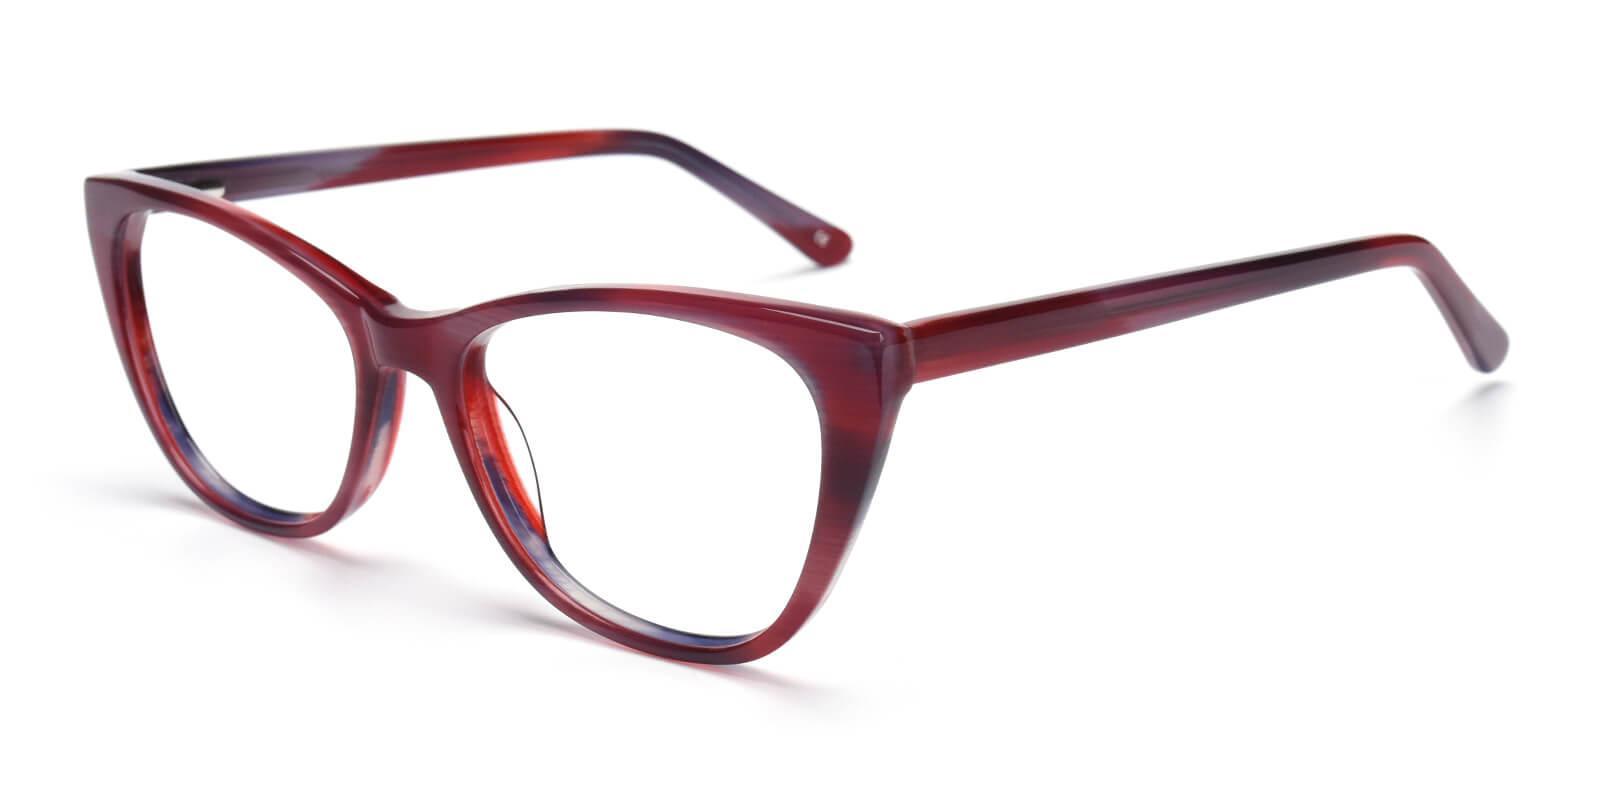 Chigo-Purple-Cat-Acetate-Eyeglasses-additional1